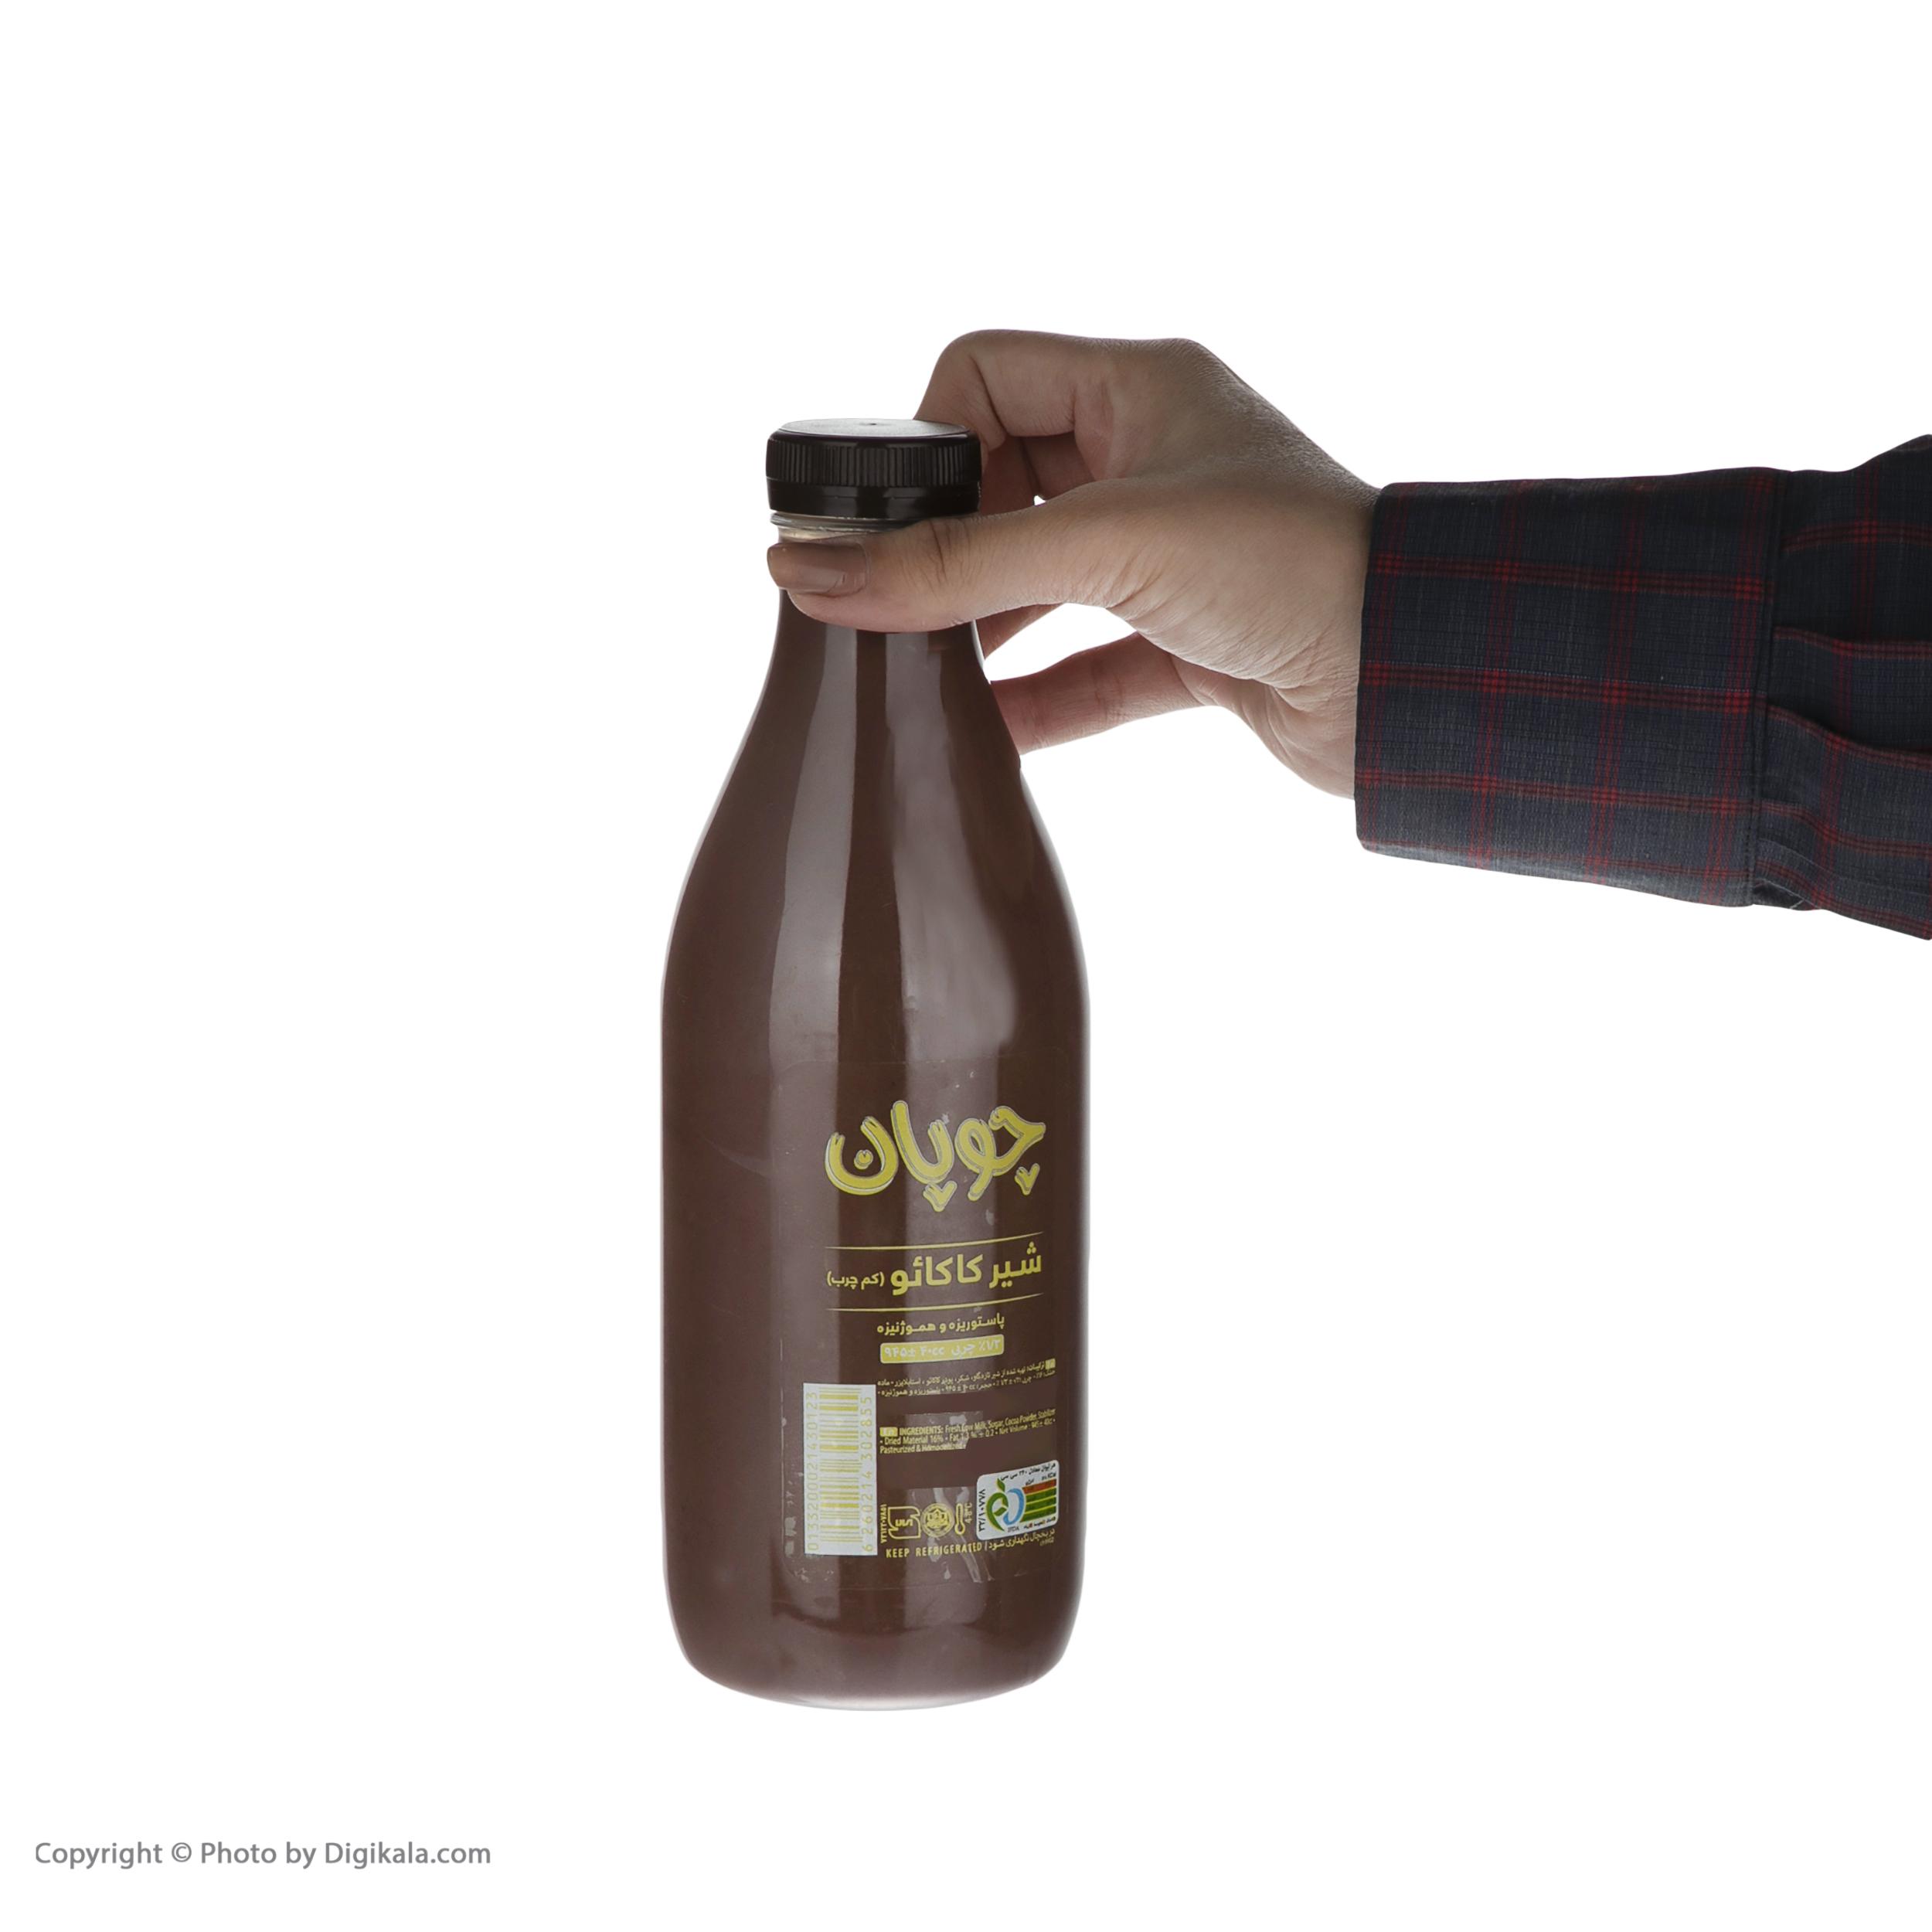 شیر کاکائو کم چرب چوپان - 945 میلی لیتر